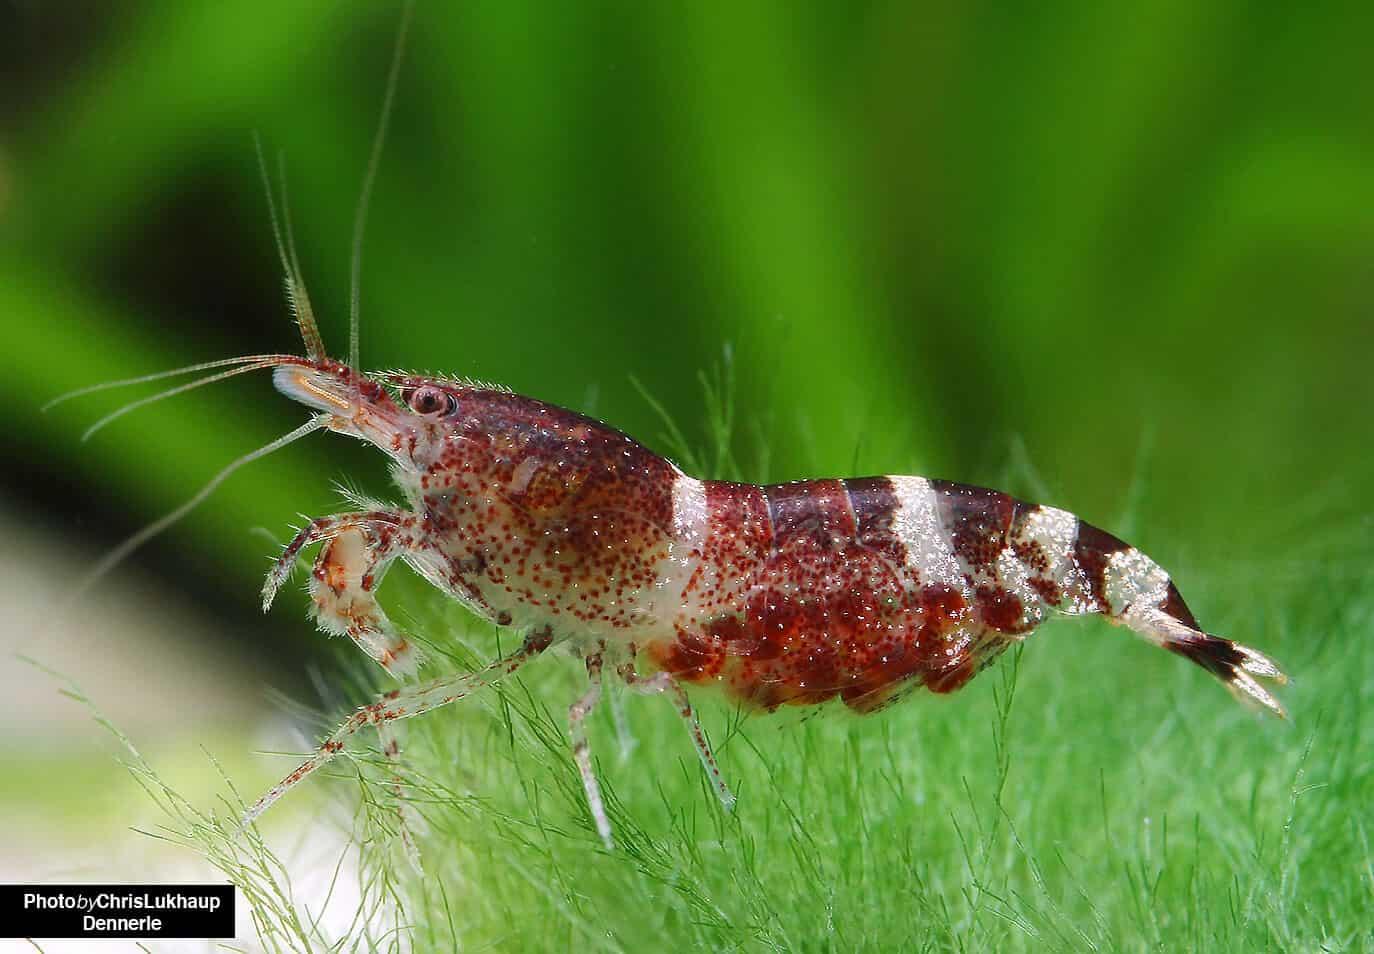 275: Trends in der Wirbellosen-Szene - Was gibt es Neues bei Garnelen, Krebsen und Schnecken? (Farschad Farhadi) 6